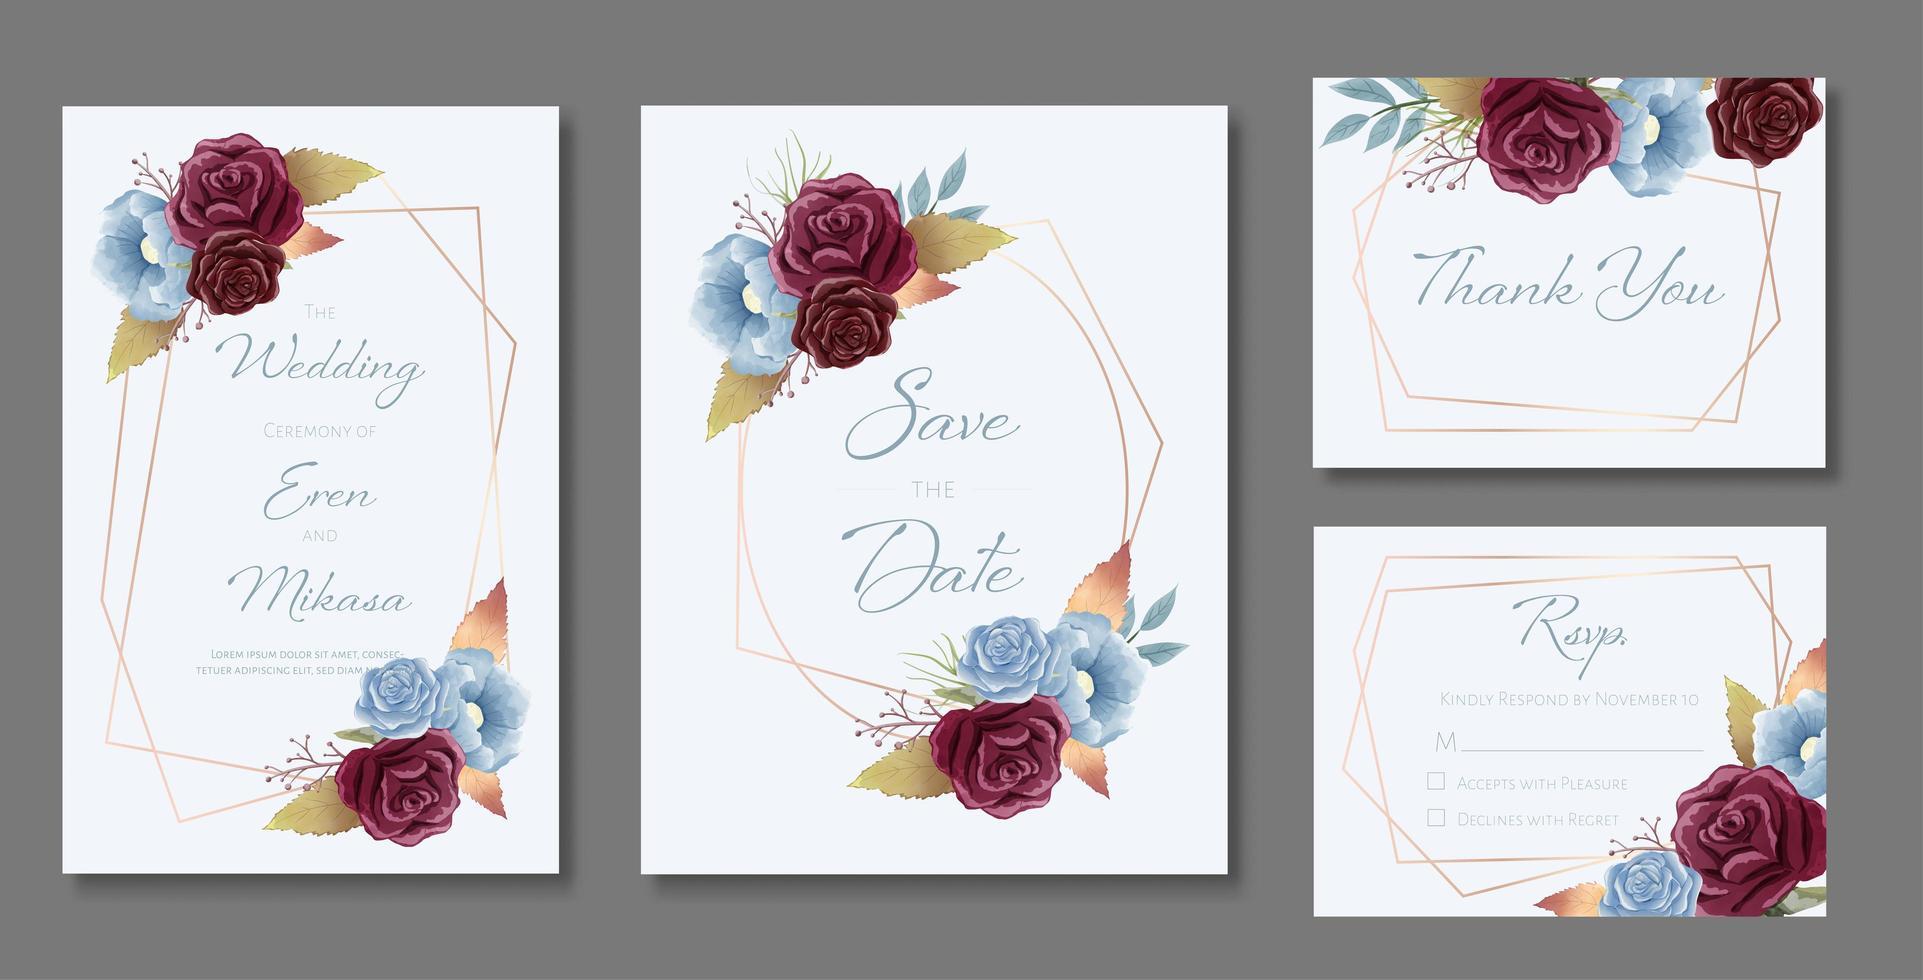 tarjeta de boda de acuarela con rosas y marcos vector